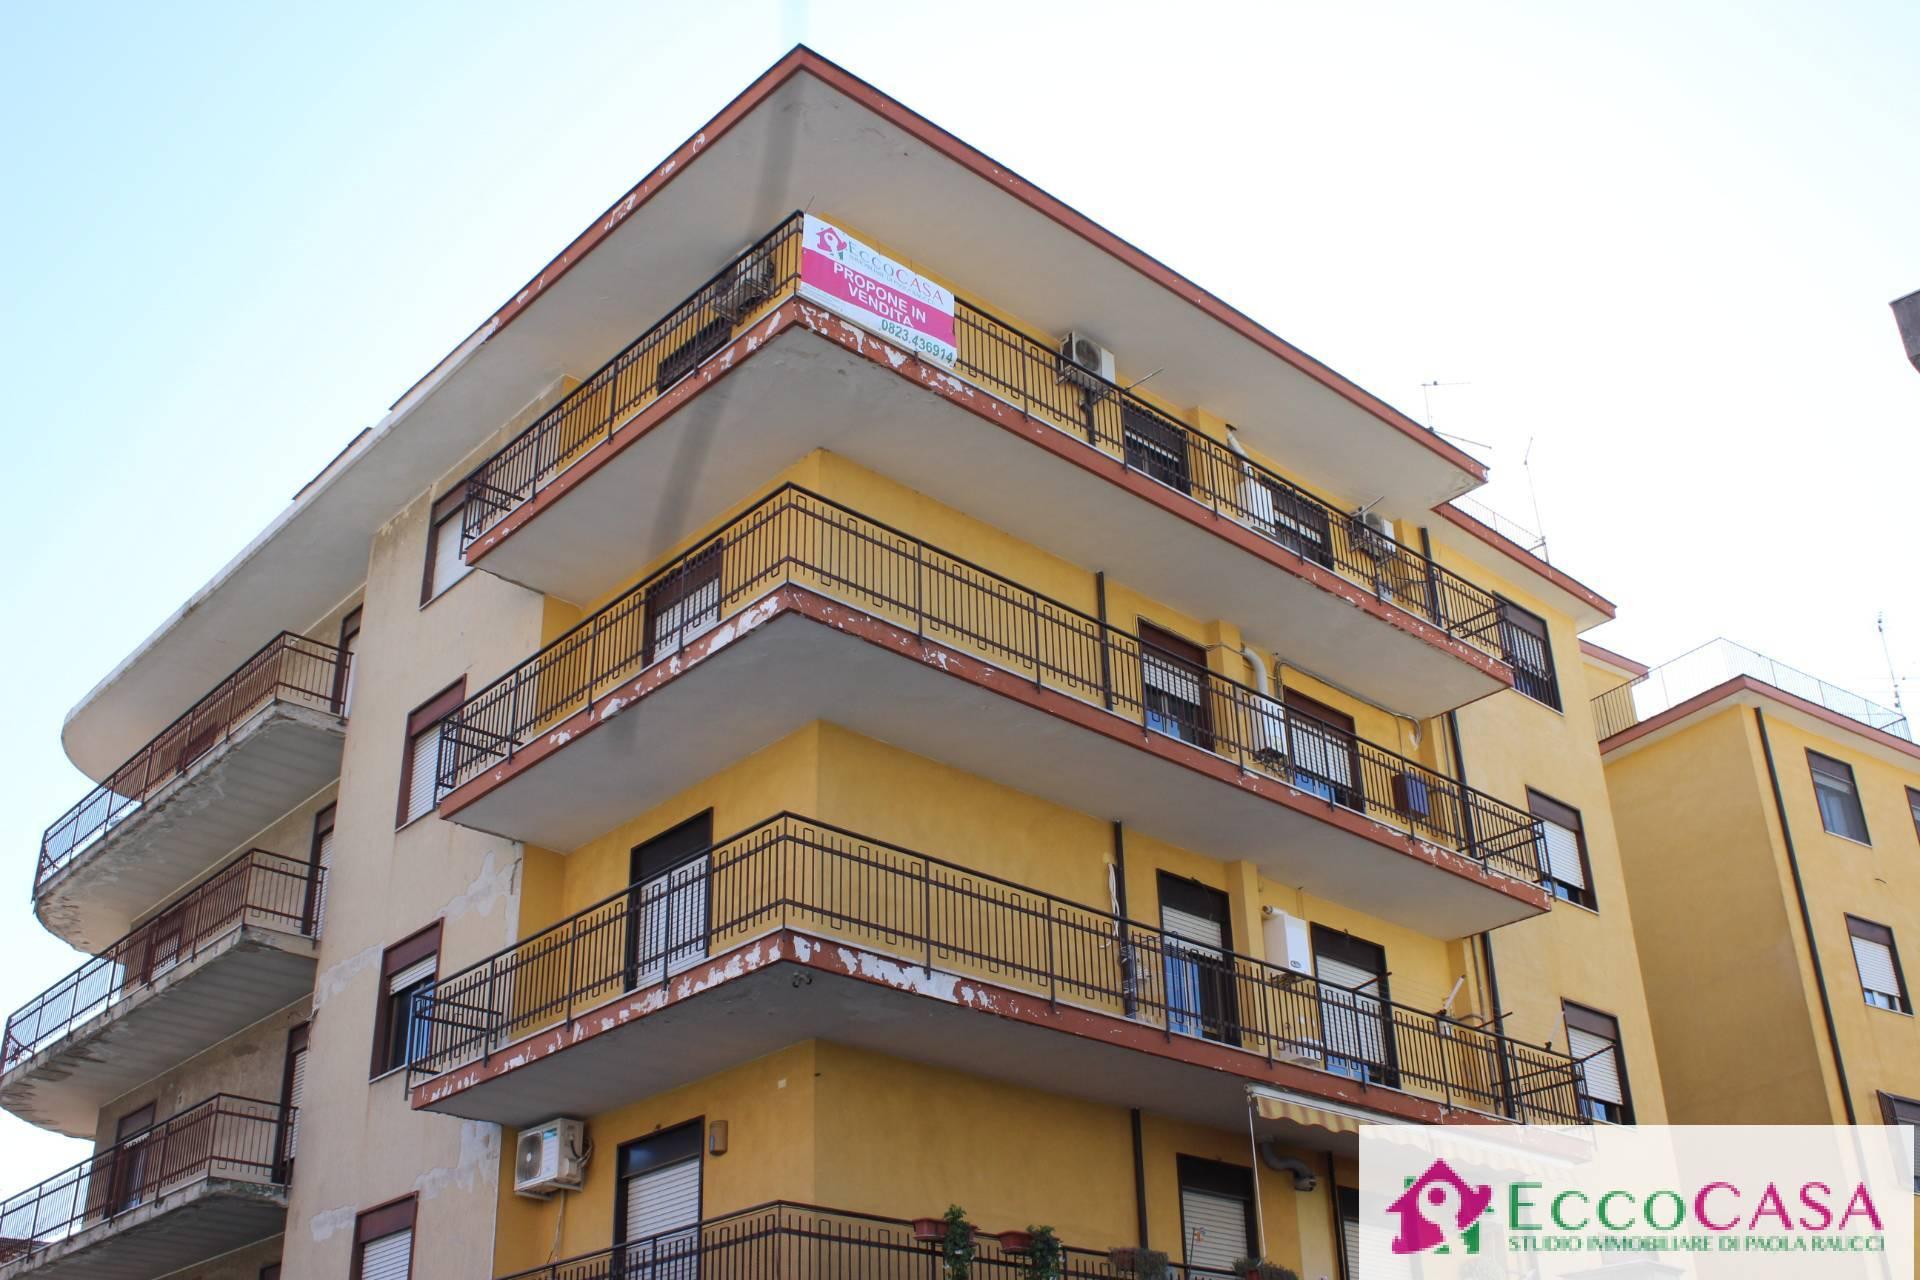 Appartamento in vendita a Maddaloni, 3 locali, prezzo € 105.000   CambioCasa.it